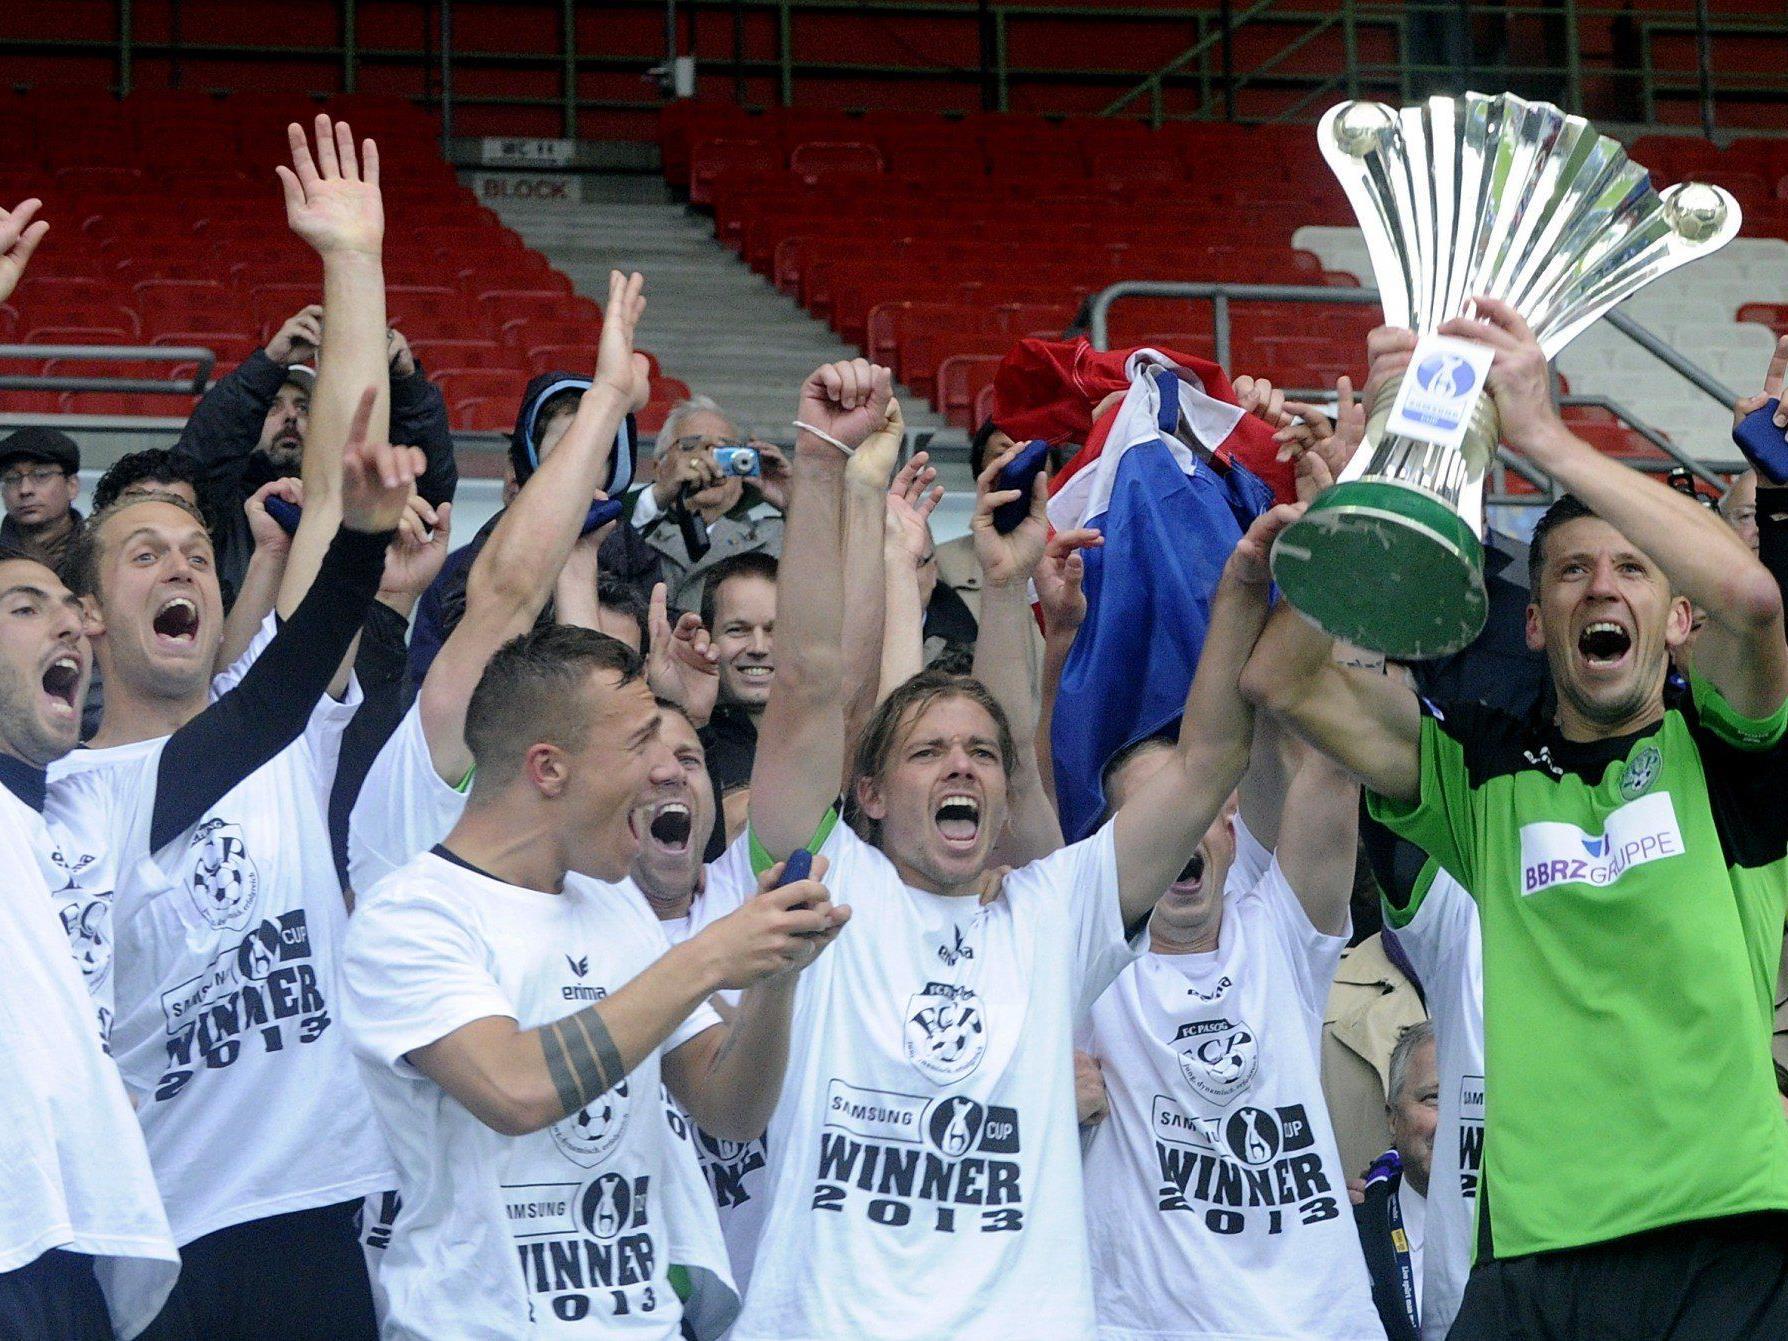 Der harte Kampf gegen die Wiener Austria im ÖFB-Cup-Finale hat sich für Sensationssieger Pasching ausgezahlt.